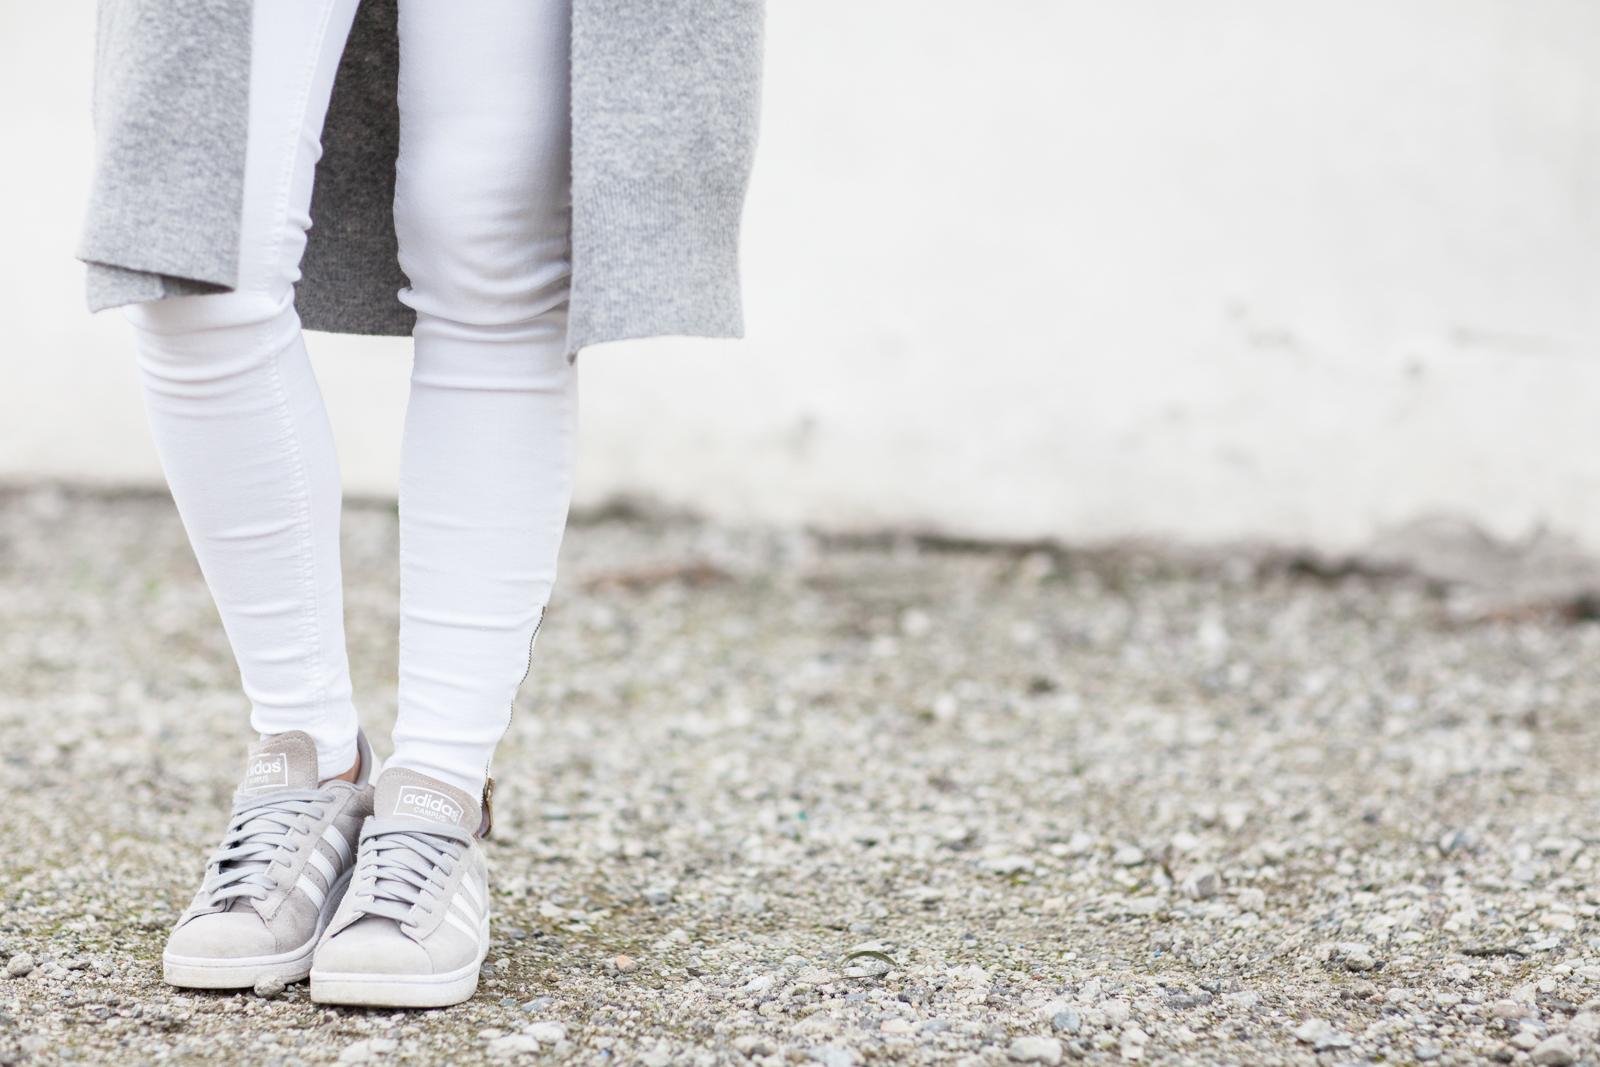 harmaa neule valkoiset housut long beach-5379